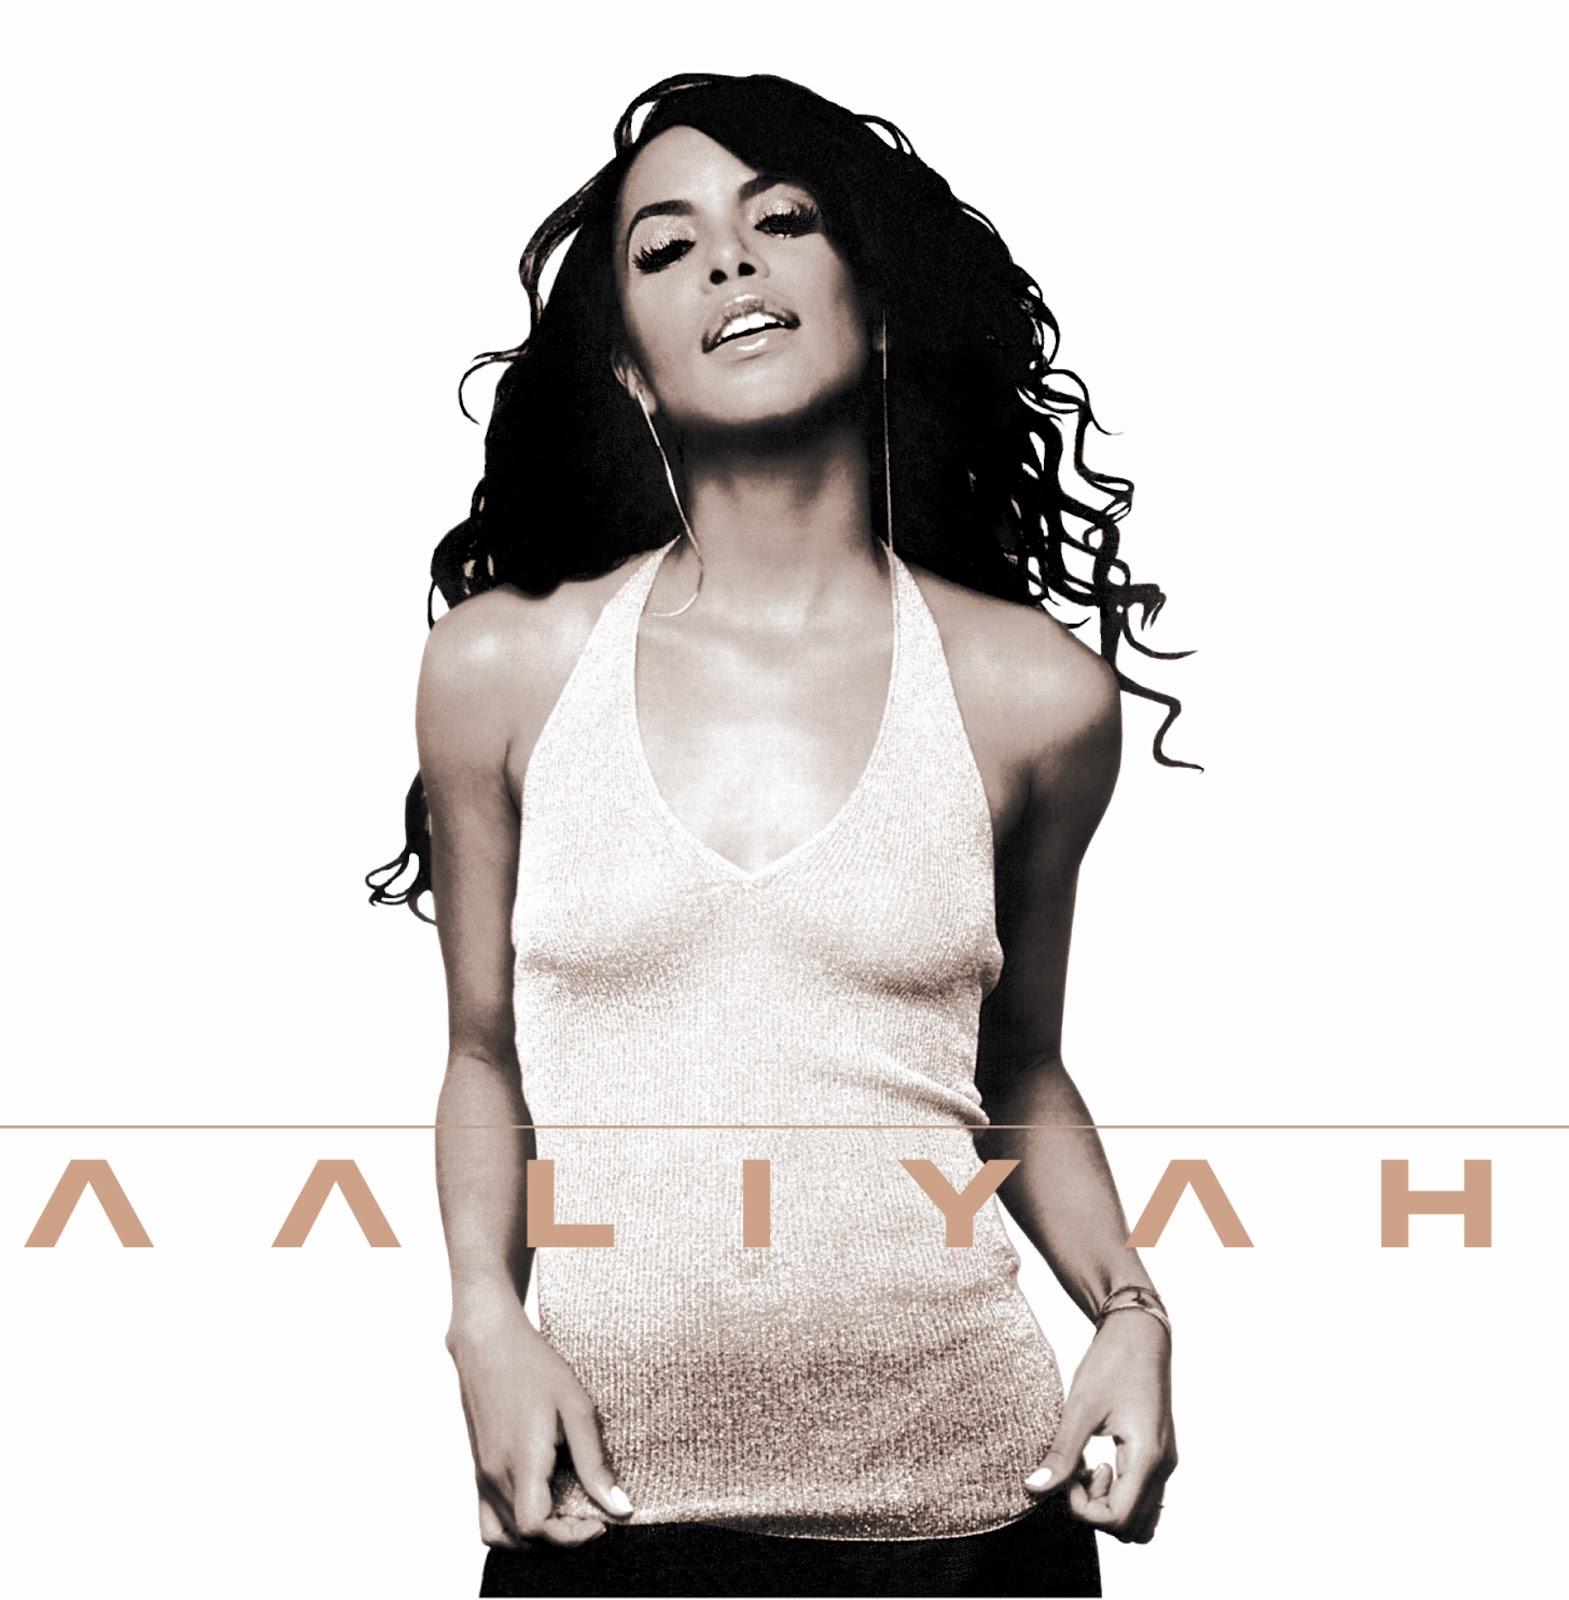 http://3.bp.blogspot.com/-FlldUyku9KU/T1bTsspAi0I/AAAAAAAABU4/s89Rp_eV0_A/s1600/Aaliyah_Aaliyah_CoverAr_5100DPI300RGB259961.jpg